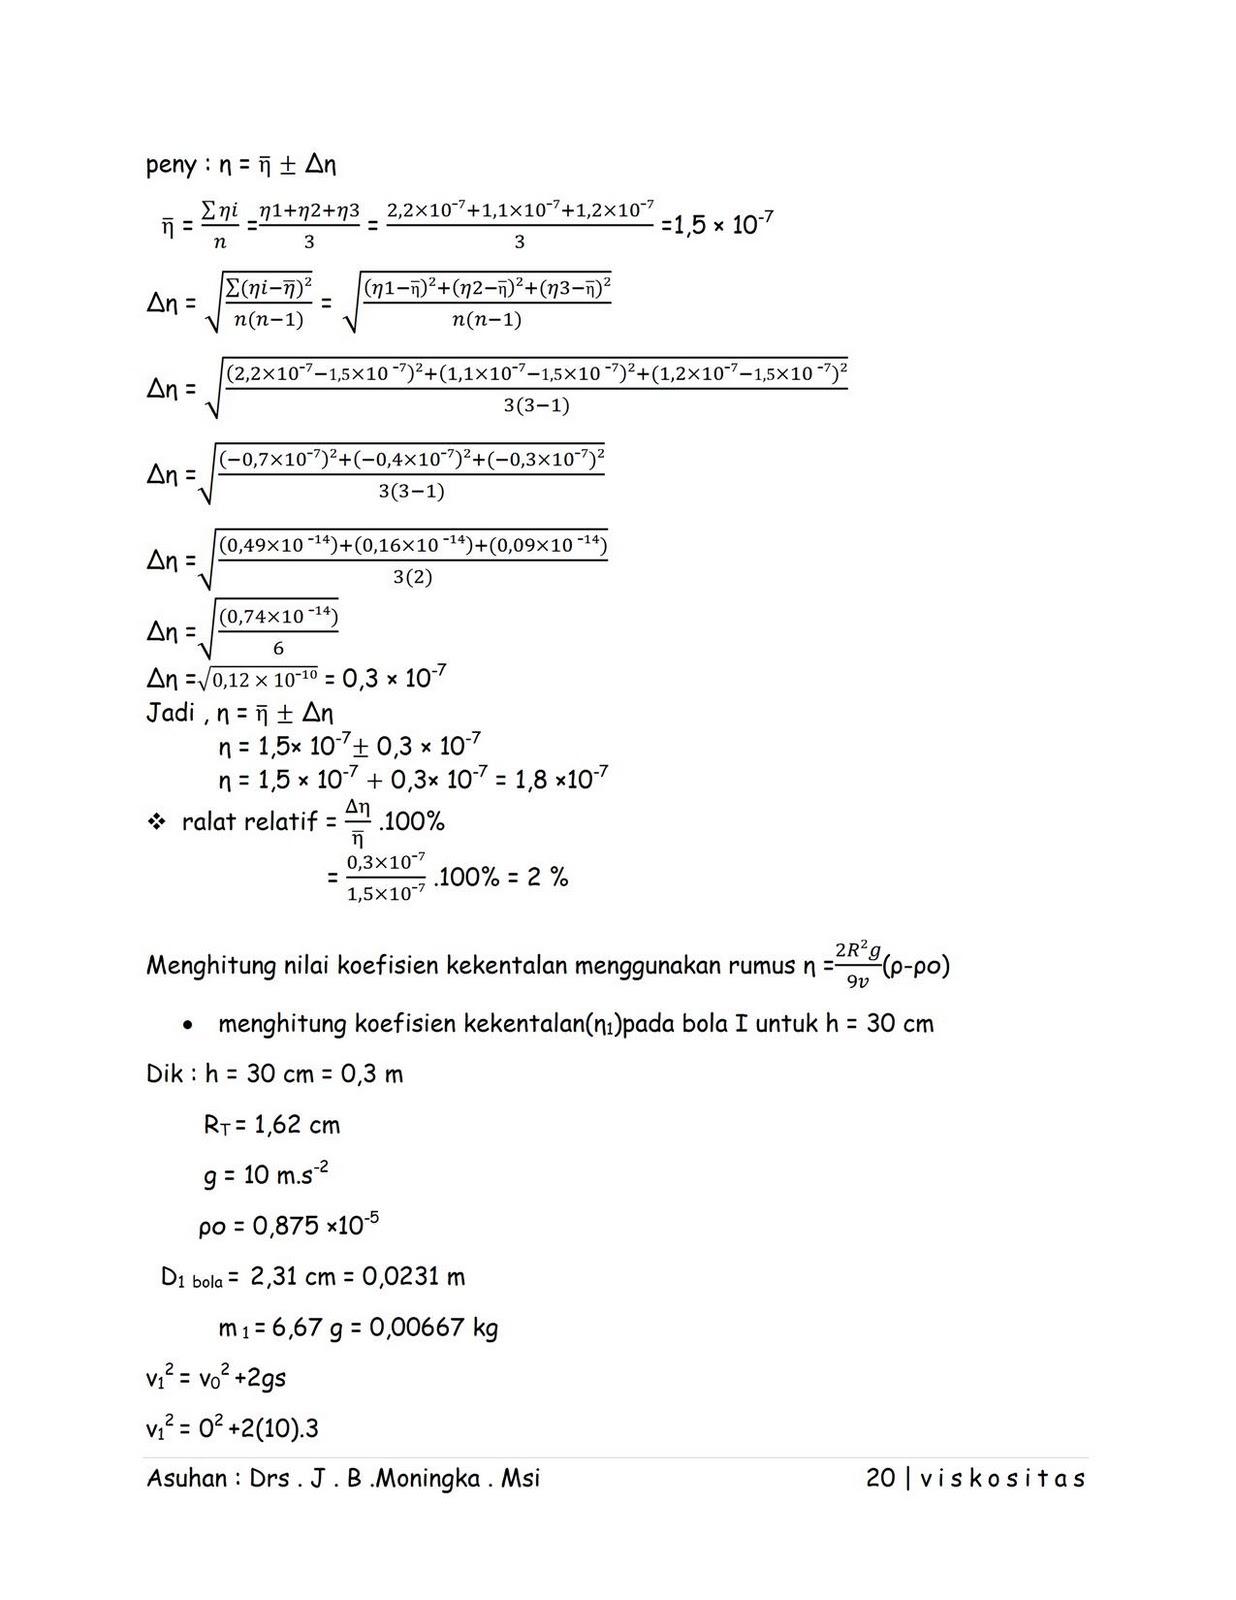 Fisika Itu Menyenangkan Contoh Laporan Hasil Raktikum Viskositas Fisika Dasar I